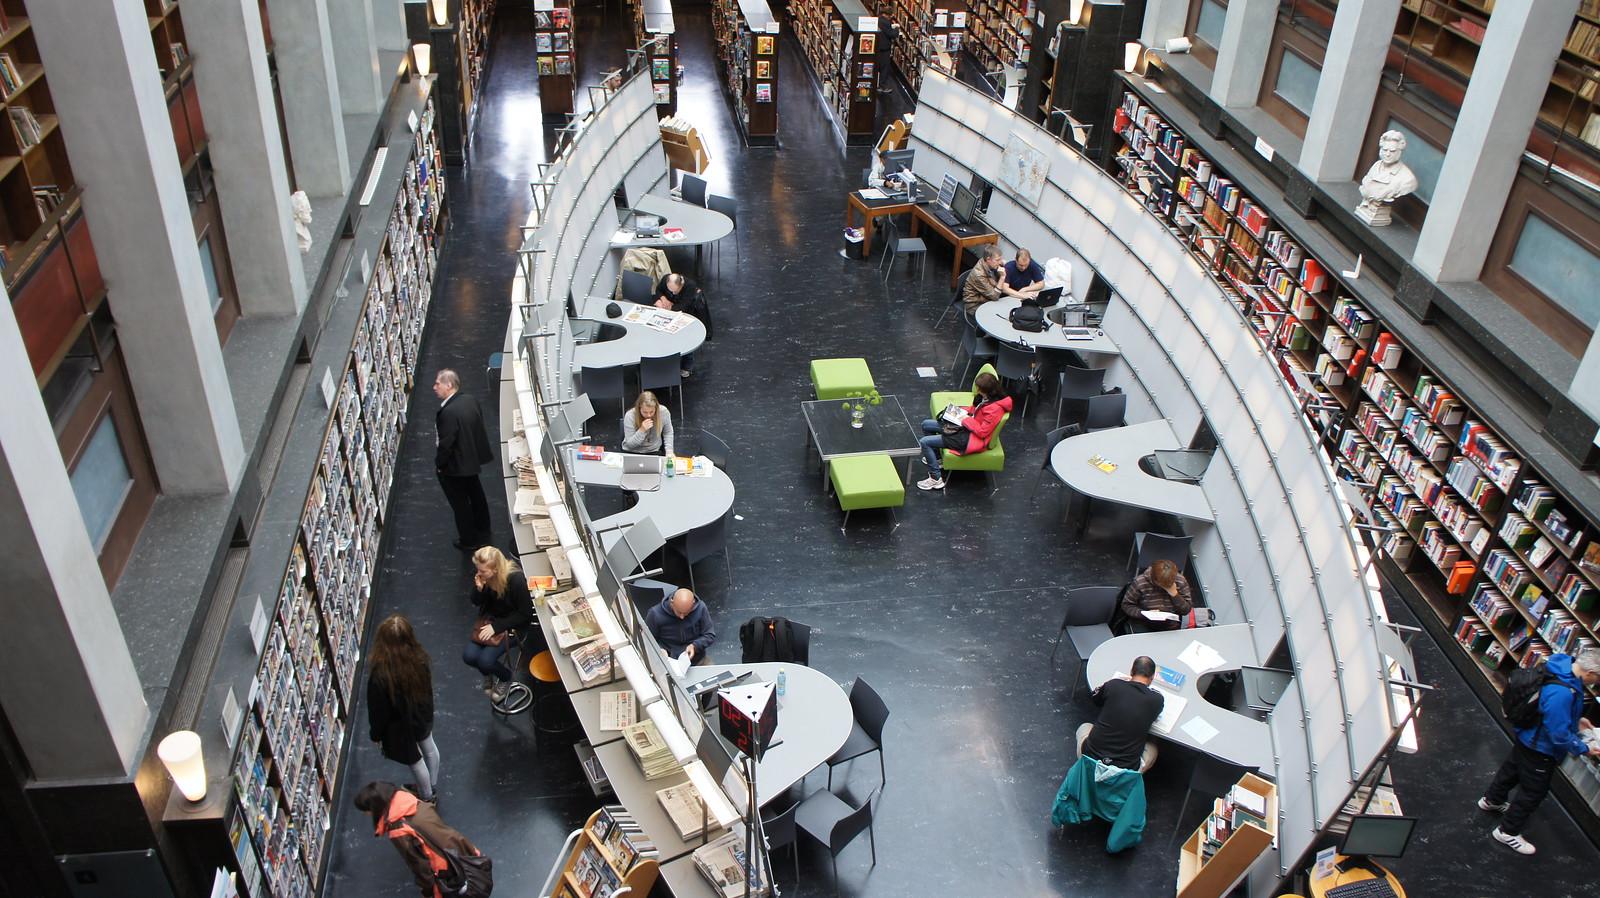 Deichmanske bibliotek i Oslo er eitt av bibliotek som fortel at lånarane er meir positive til nynorsk. Foto: Pedro Layant, CC BY-SA 2.0-lisens